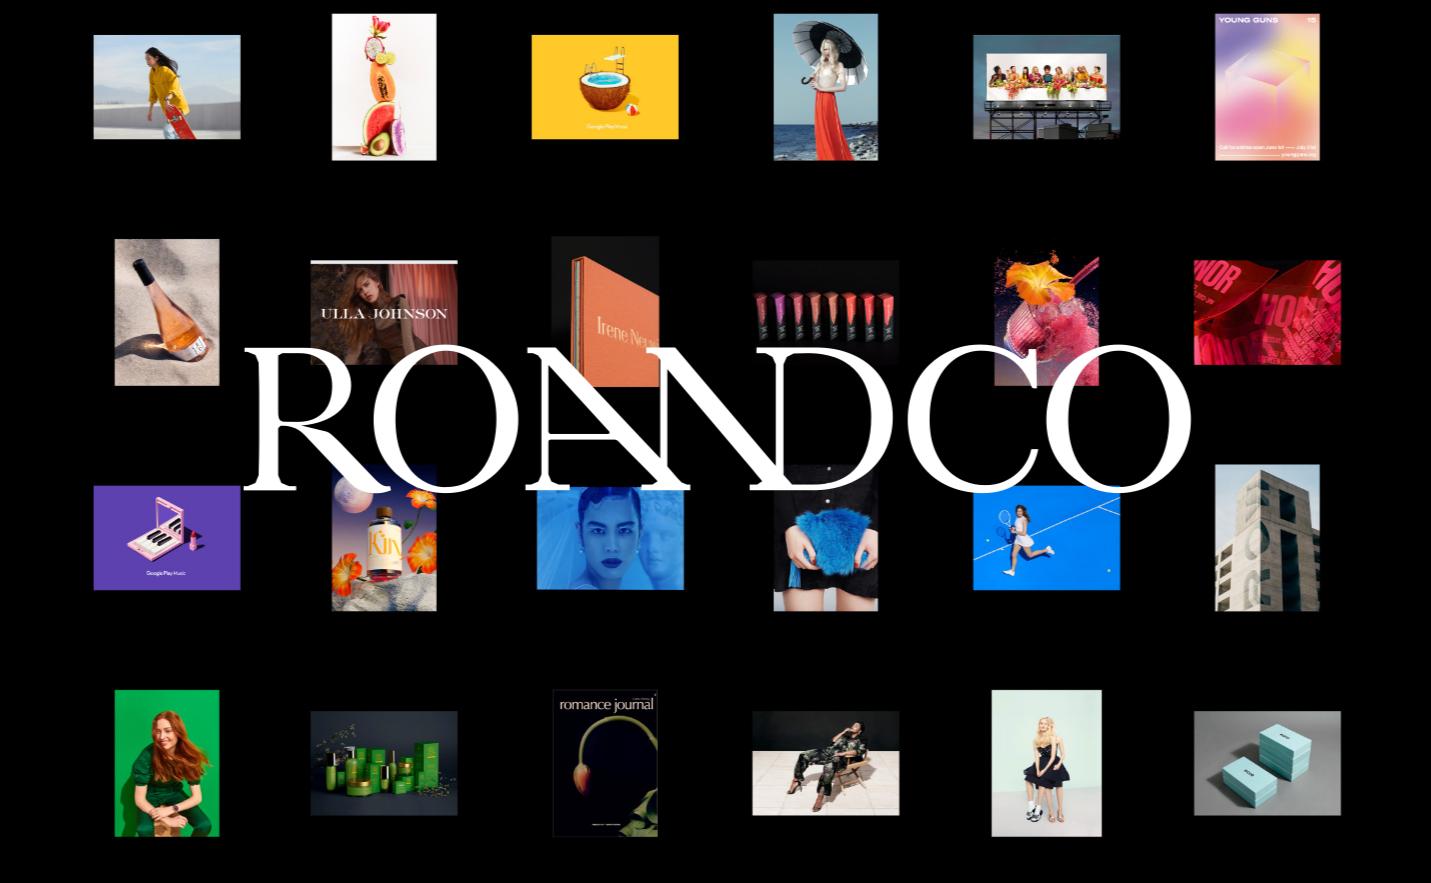 RoAndCo website